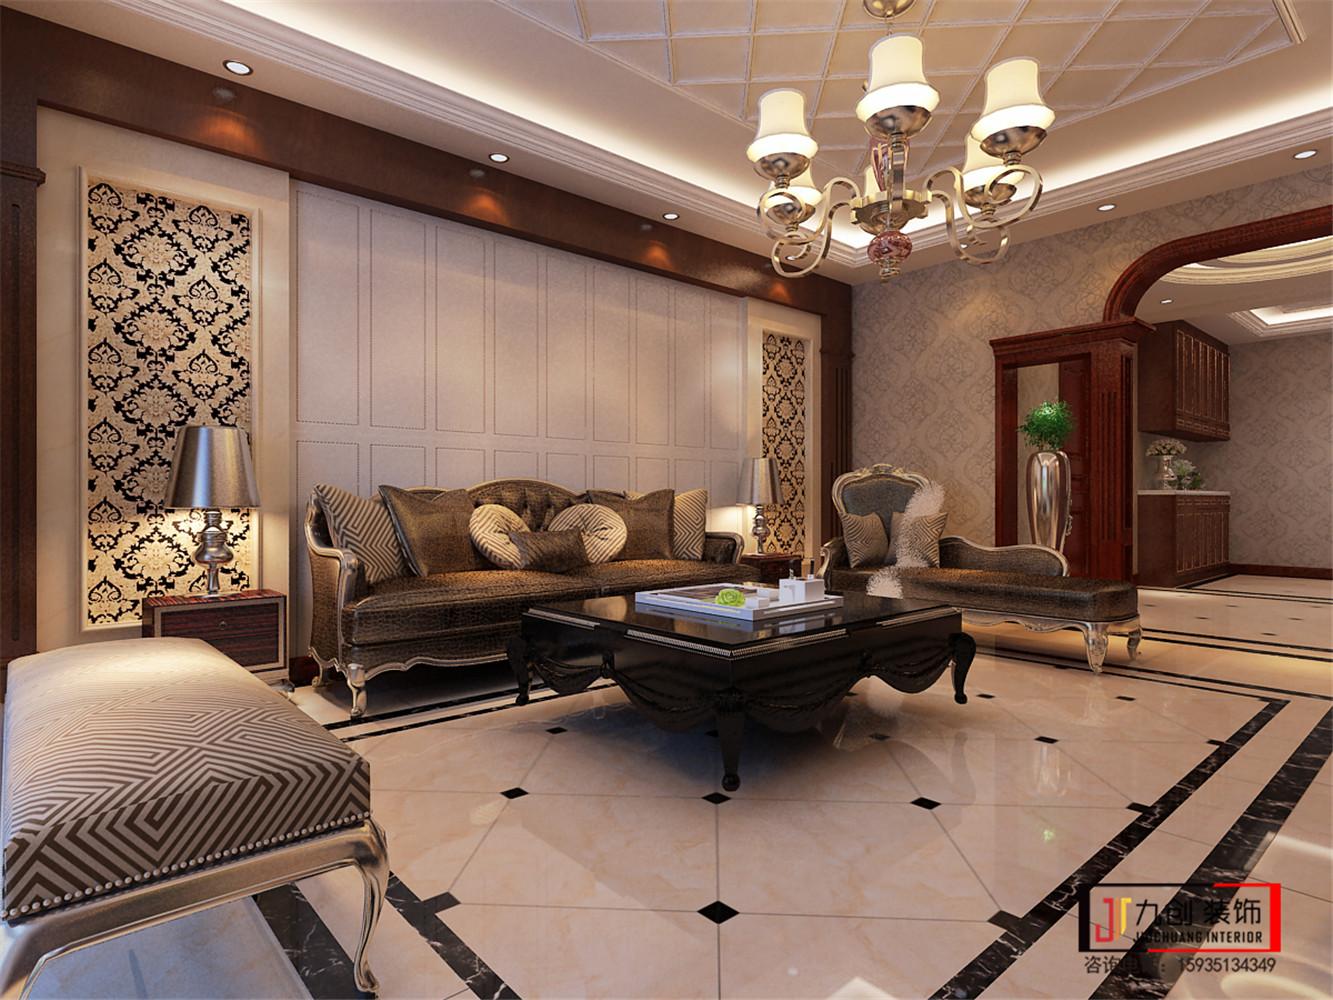 简欧 云水世纪明 三居室 隔断 设计 客厅图片来自昆明九创装饰温舒德在云水世纪明珠140㎡简欧设计的分享